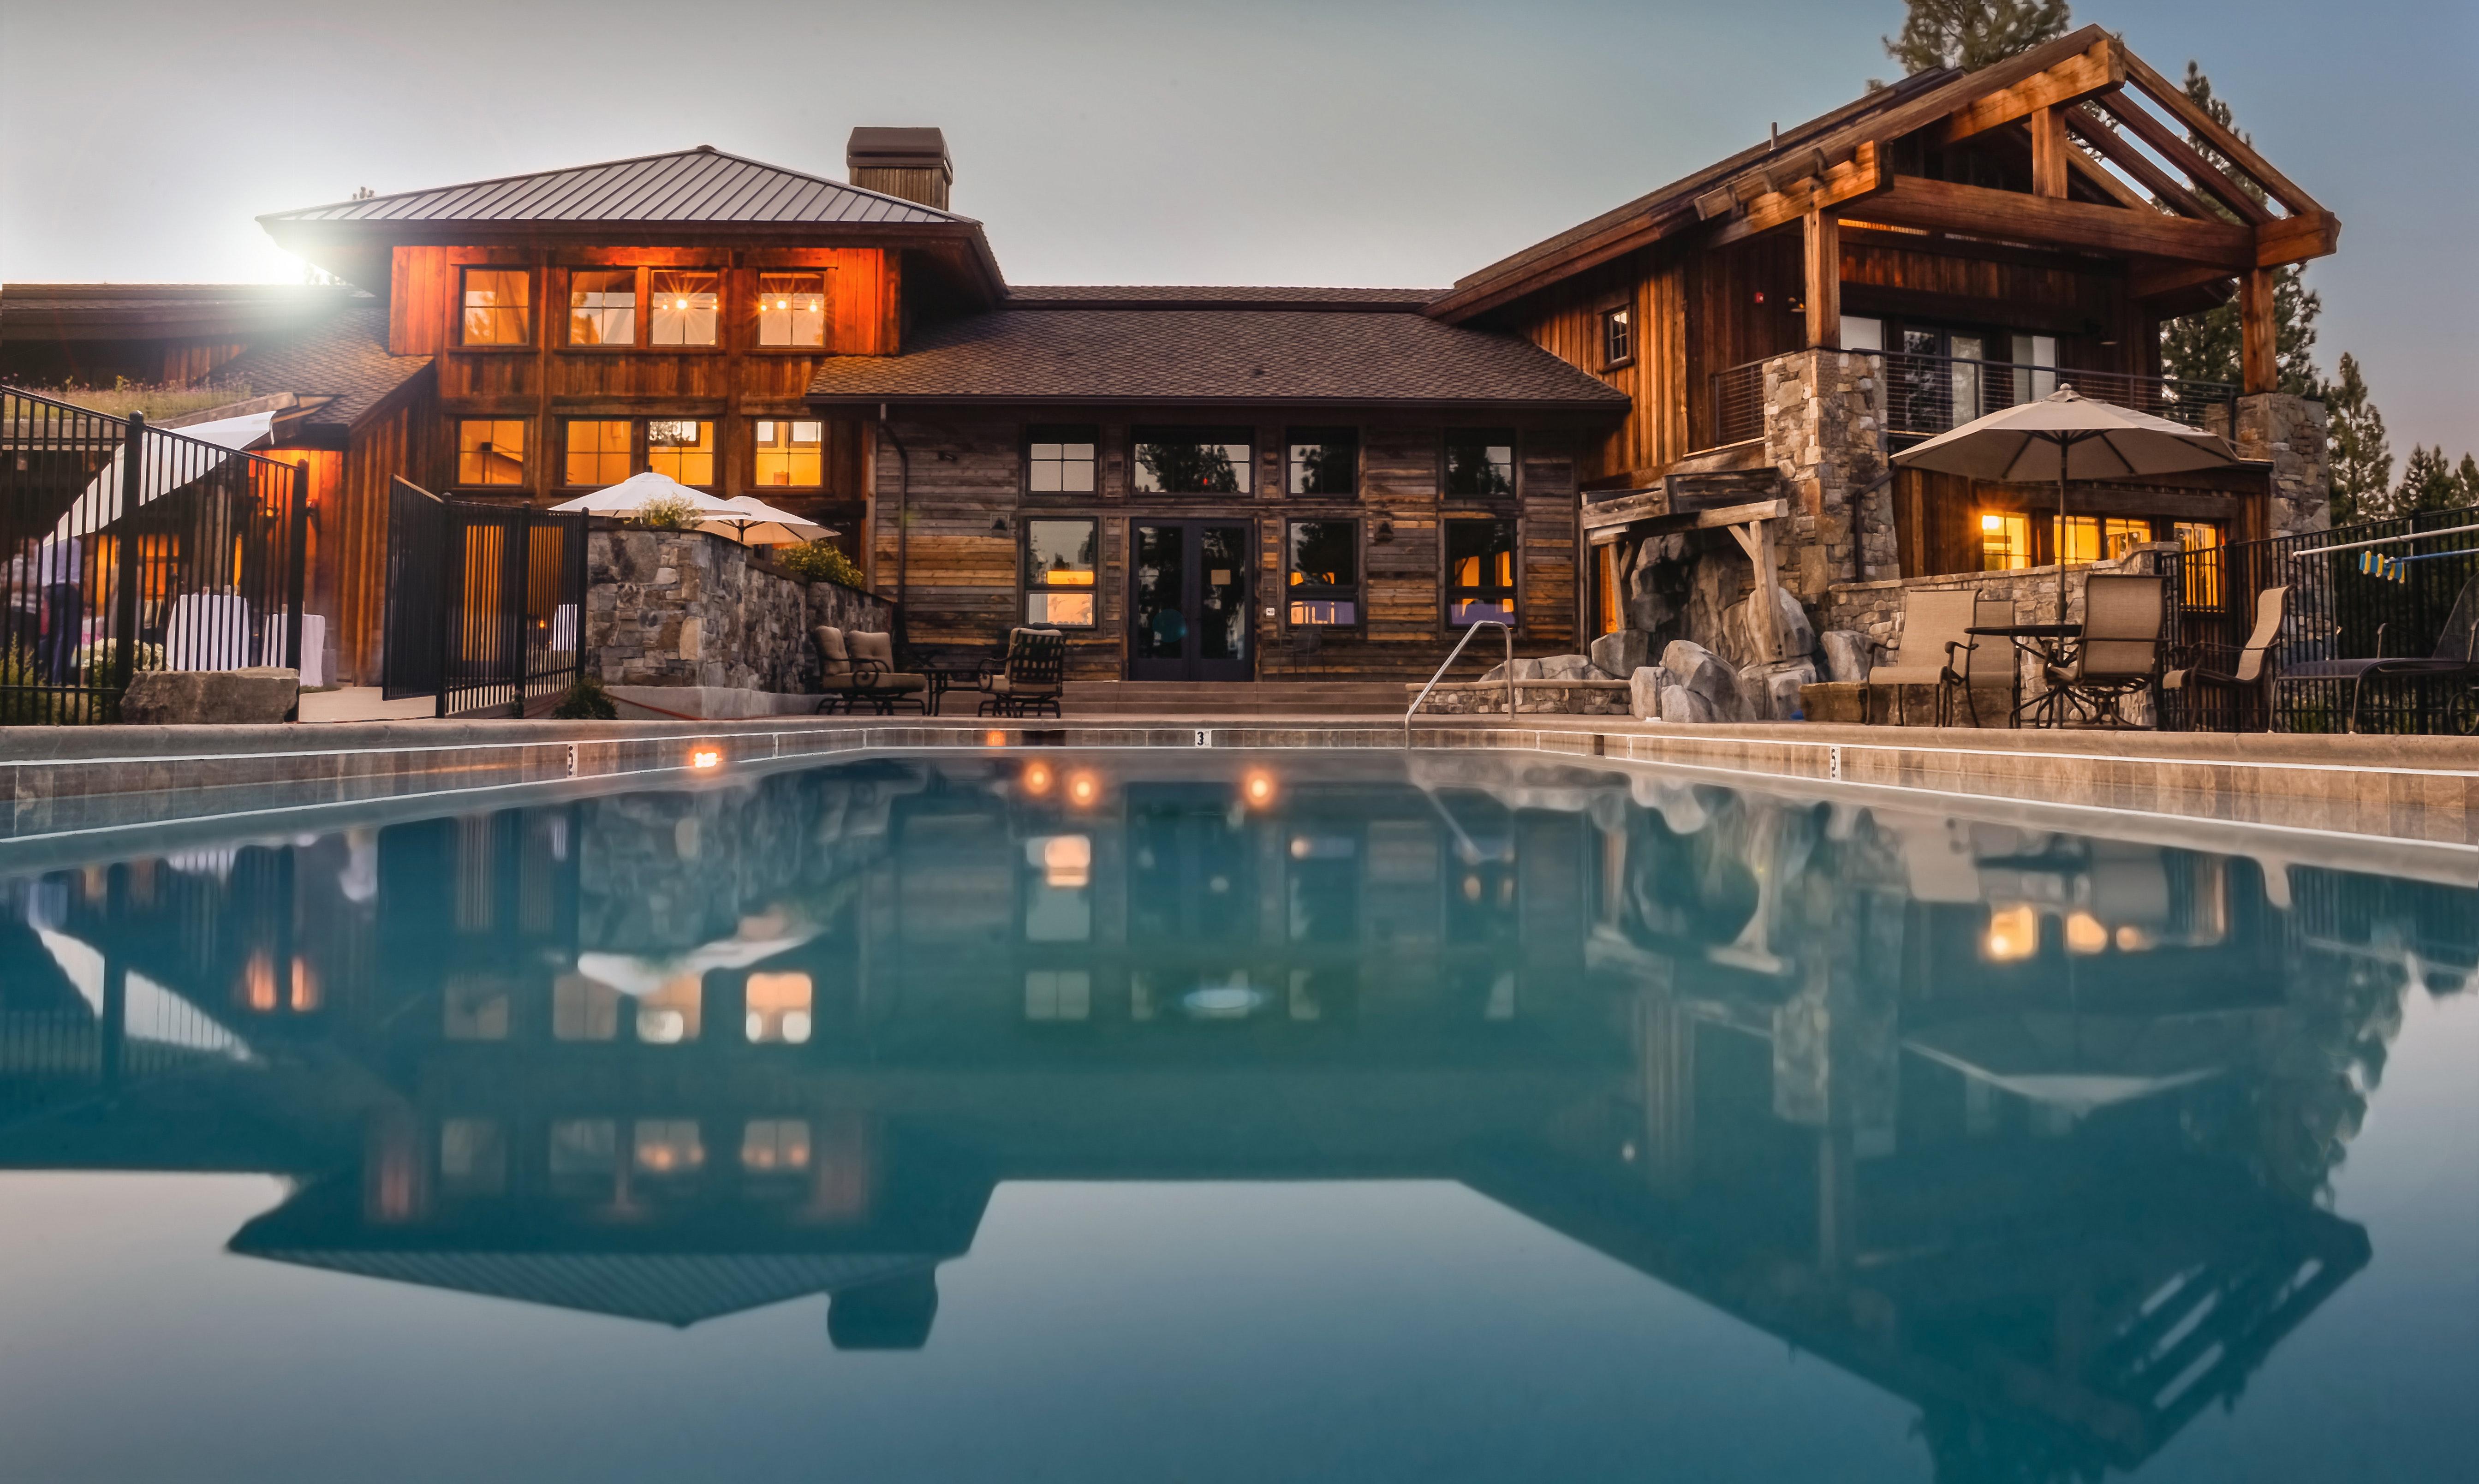 Image of backyard with pool